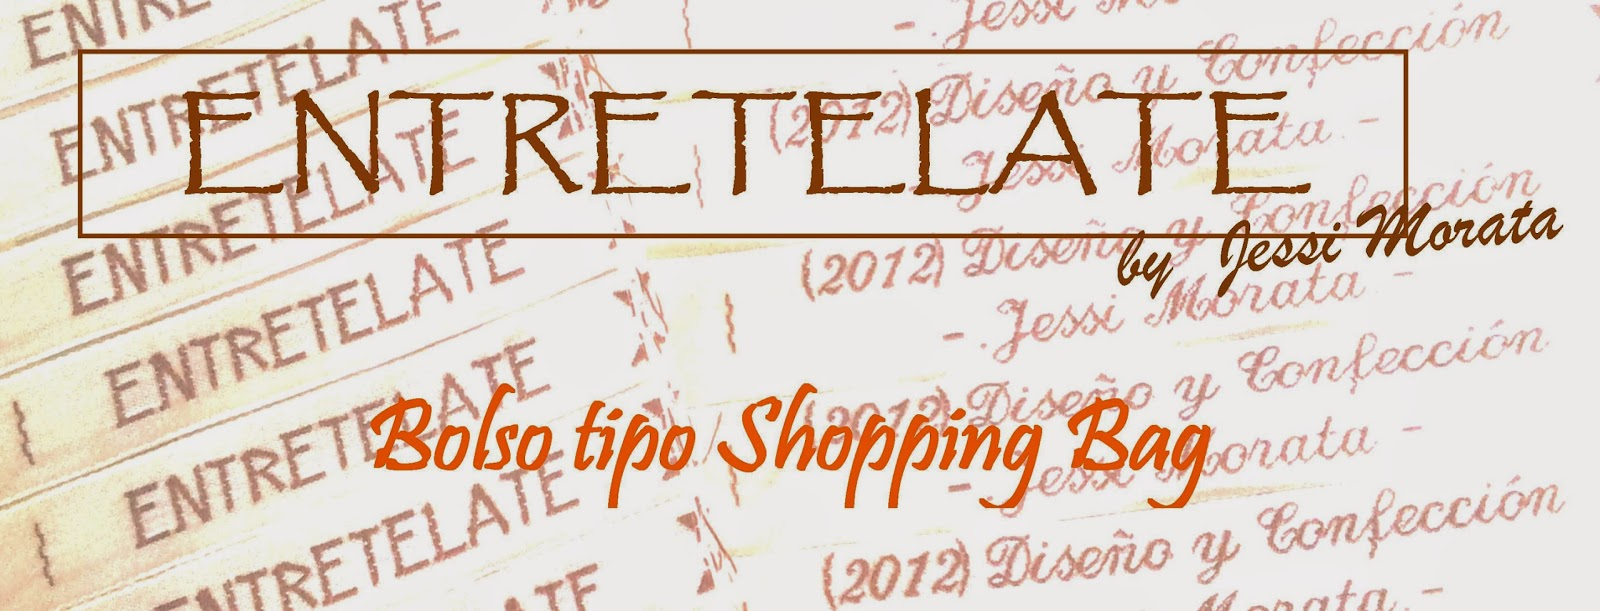 http://entretelatejessimorata.blogspot.com.es/p/bolsos-tipo-shopping-bag.html